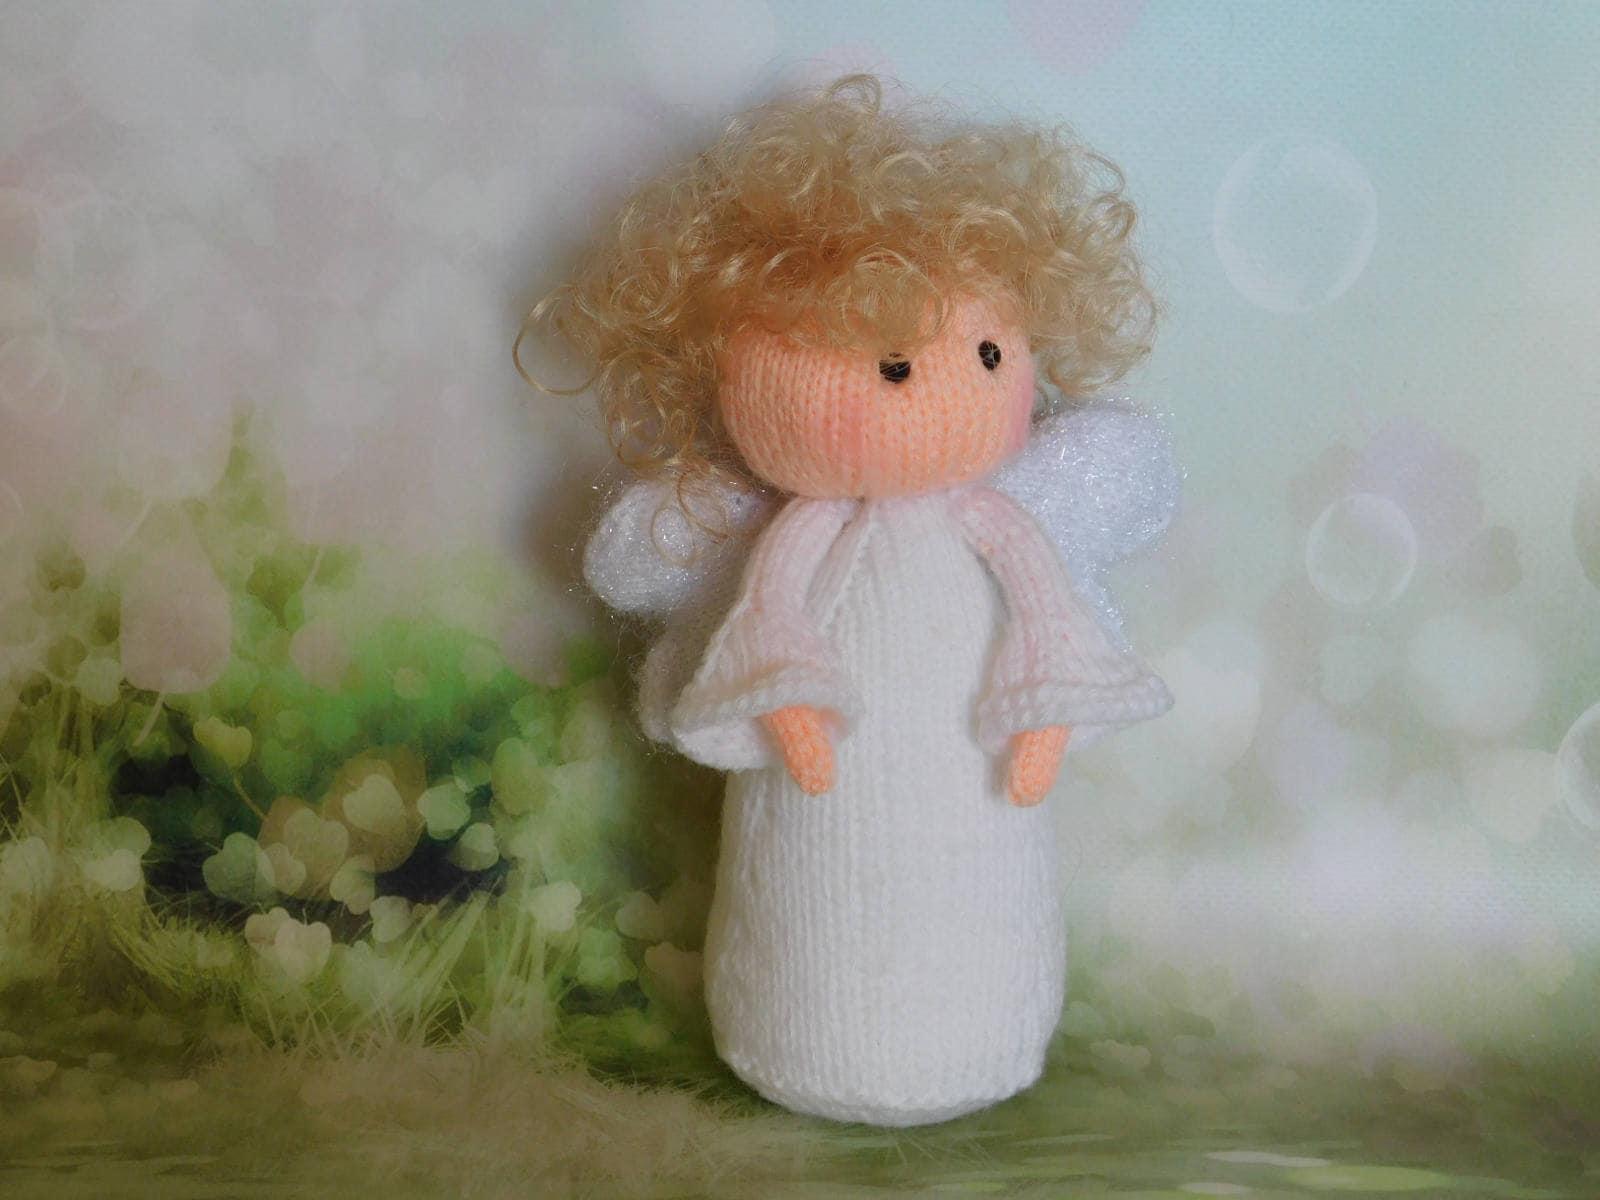 Engel Puppe Engel stricken Amigurumi Spielzeug gefüllte Engel